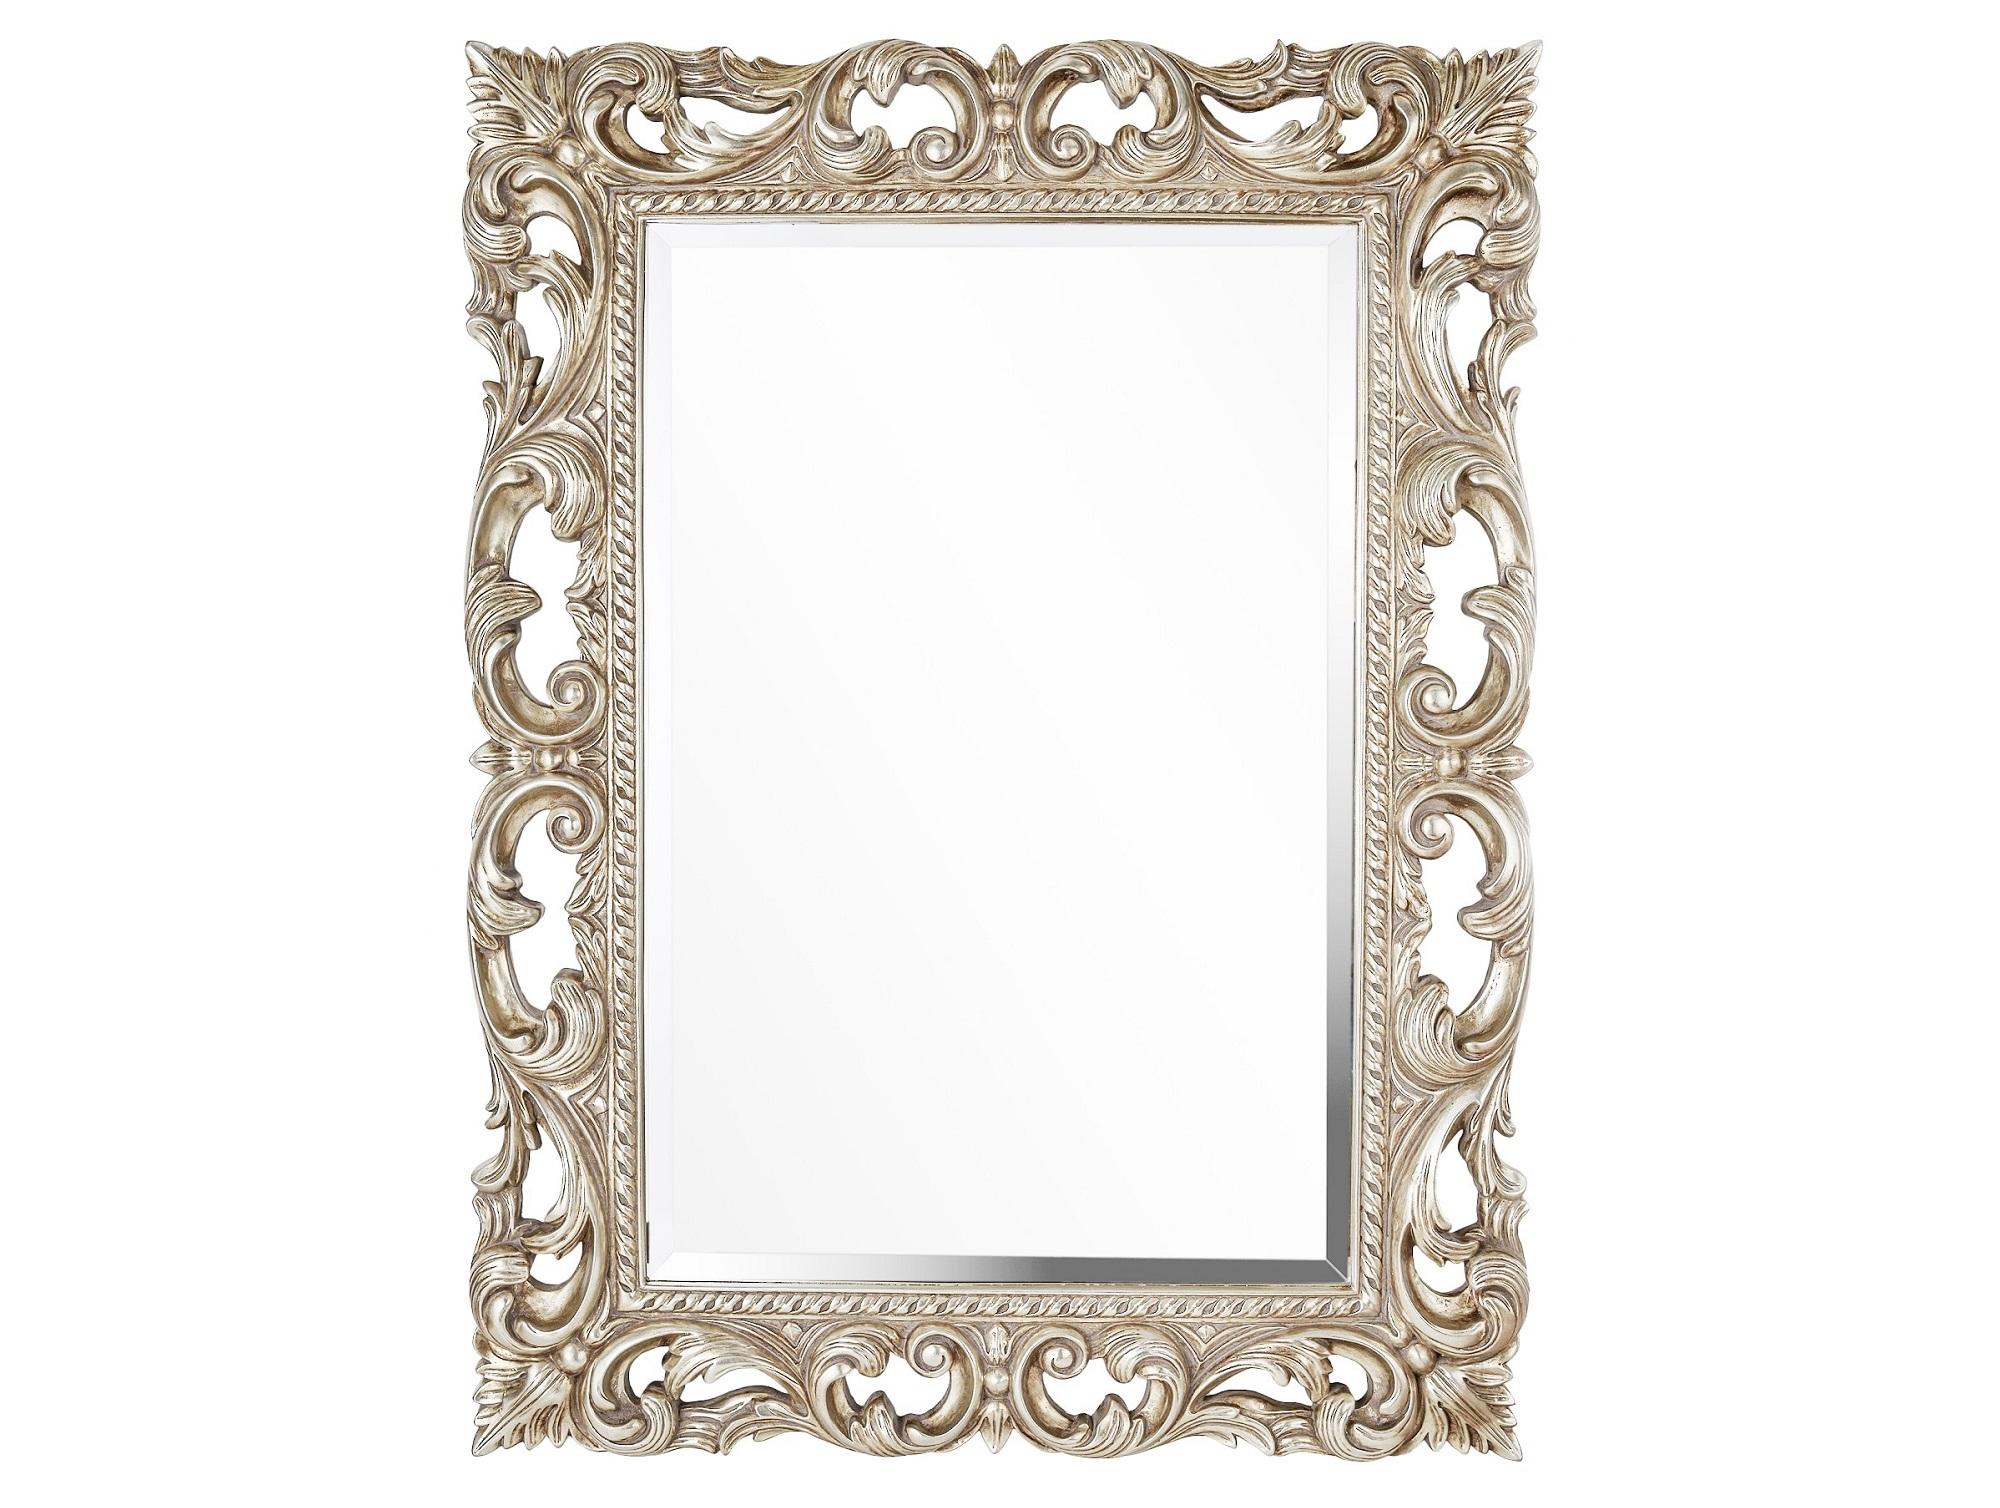 Зеркало Oxford SilverНастенные зеркала<br>&amp;lt;div&amp;gt;Красивое зеркало в лаконичном оформлении идеально впишется в классический английский интерьер. Изысканный багет добавит модели сдержанного обаяния. Филигранный узор с многочисленными завитками и орнаментами придает Oxford Silver аристократичный шарм. Рама выполнена в богатой цветовой гамме с искусной патиной. Оттенок «под античное серебро» подчеркивает традиционное британское благородство.&amp;lt;br&amp;gt;&amp;lt;/div&amp;gt;&amp;lt;div&amp;gt;&amp;lt;br&amp;gt;&amp;lt;/div&amp;gt;Цвет: античное серебро (с патиной, эффектом старения и золотистым отливом)<br><br>Material: Пластик<br>Ширина см: 90.0<br>Высота см: 120.0<br>Глубина см: 5.0